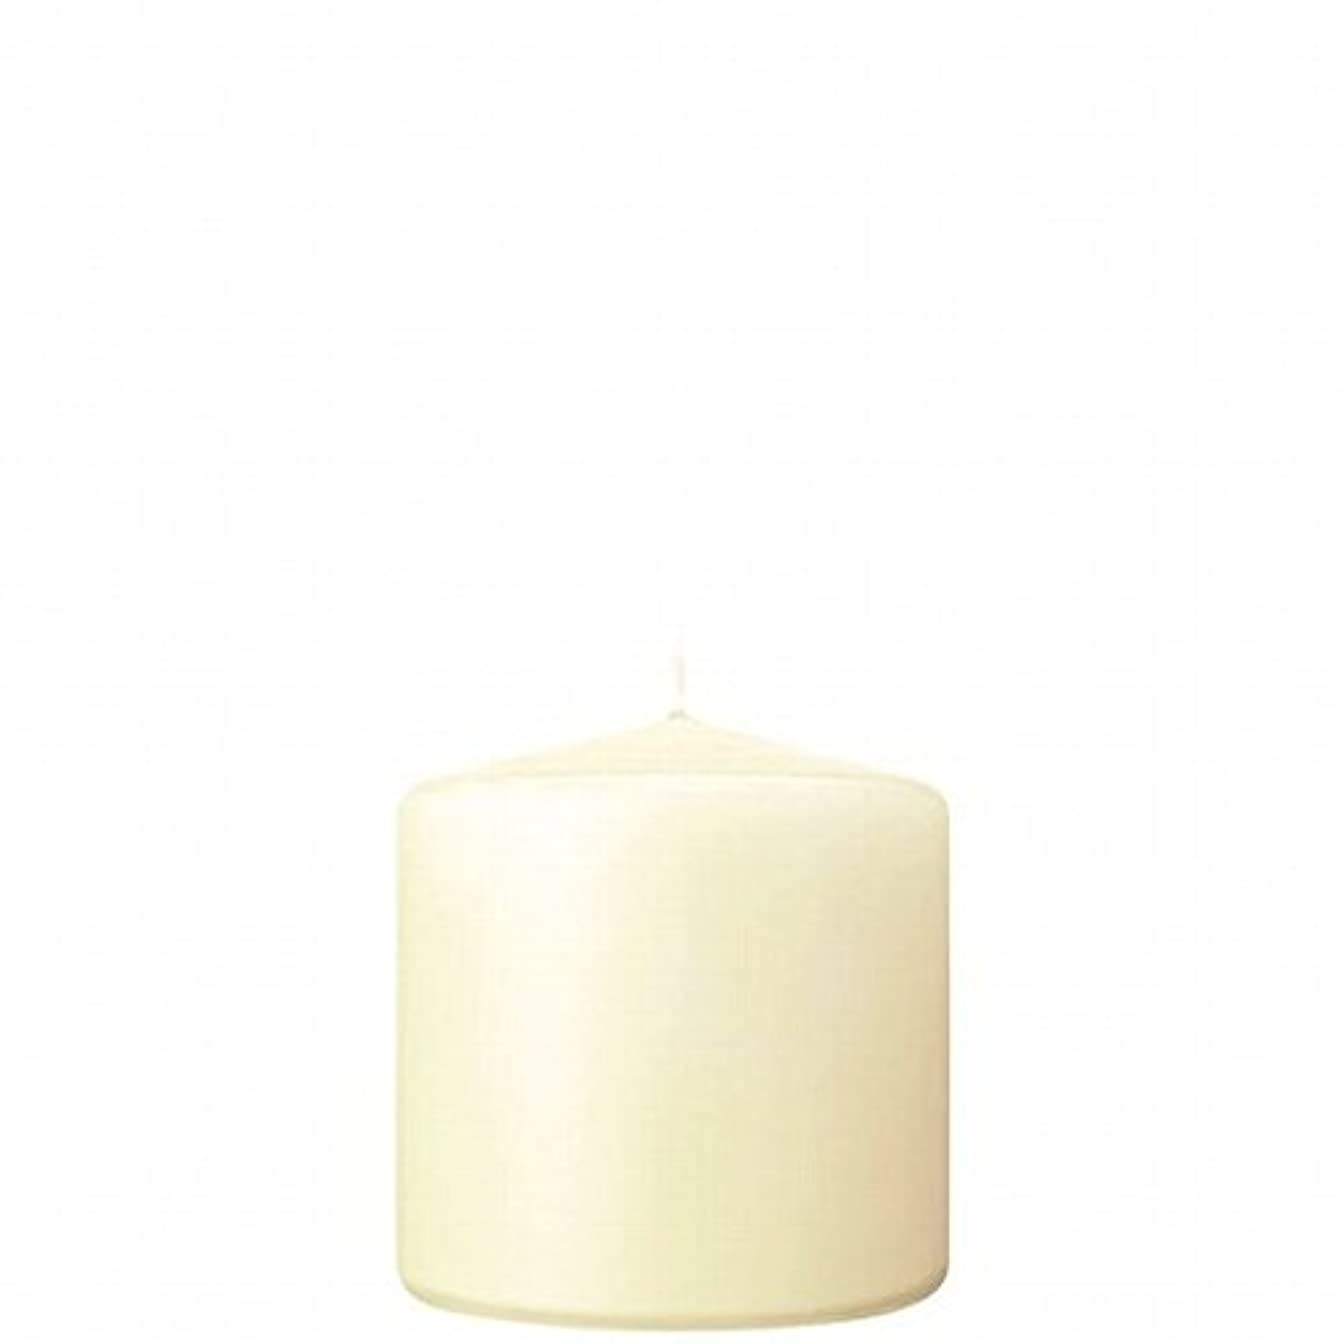 爵複製するおとこkameyama candle(カメヤマキャンドル) 3×3ベルトップピラーキャンドル 「 アイボリー 」(A9730000IV)